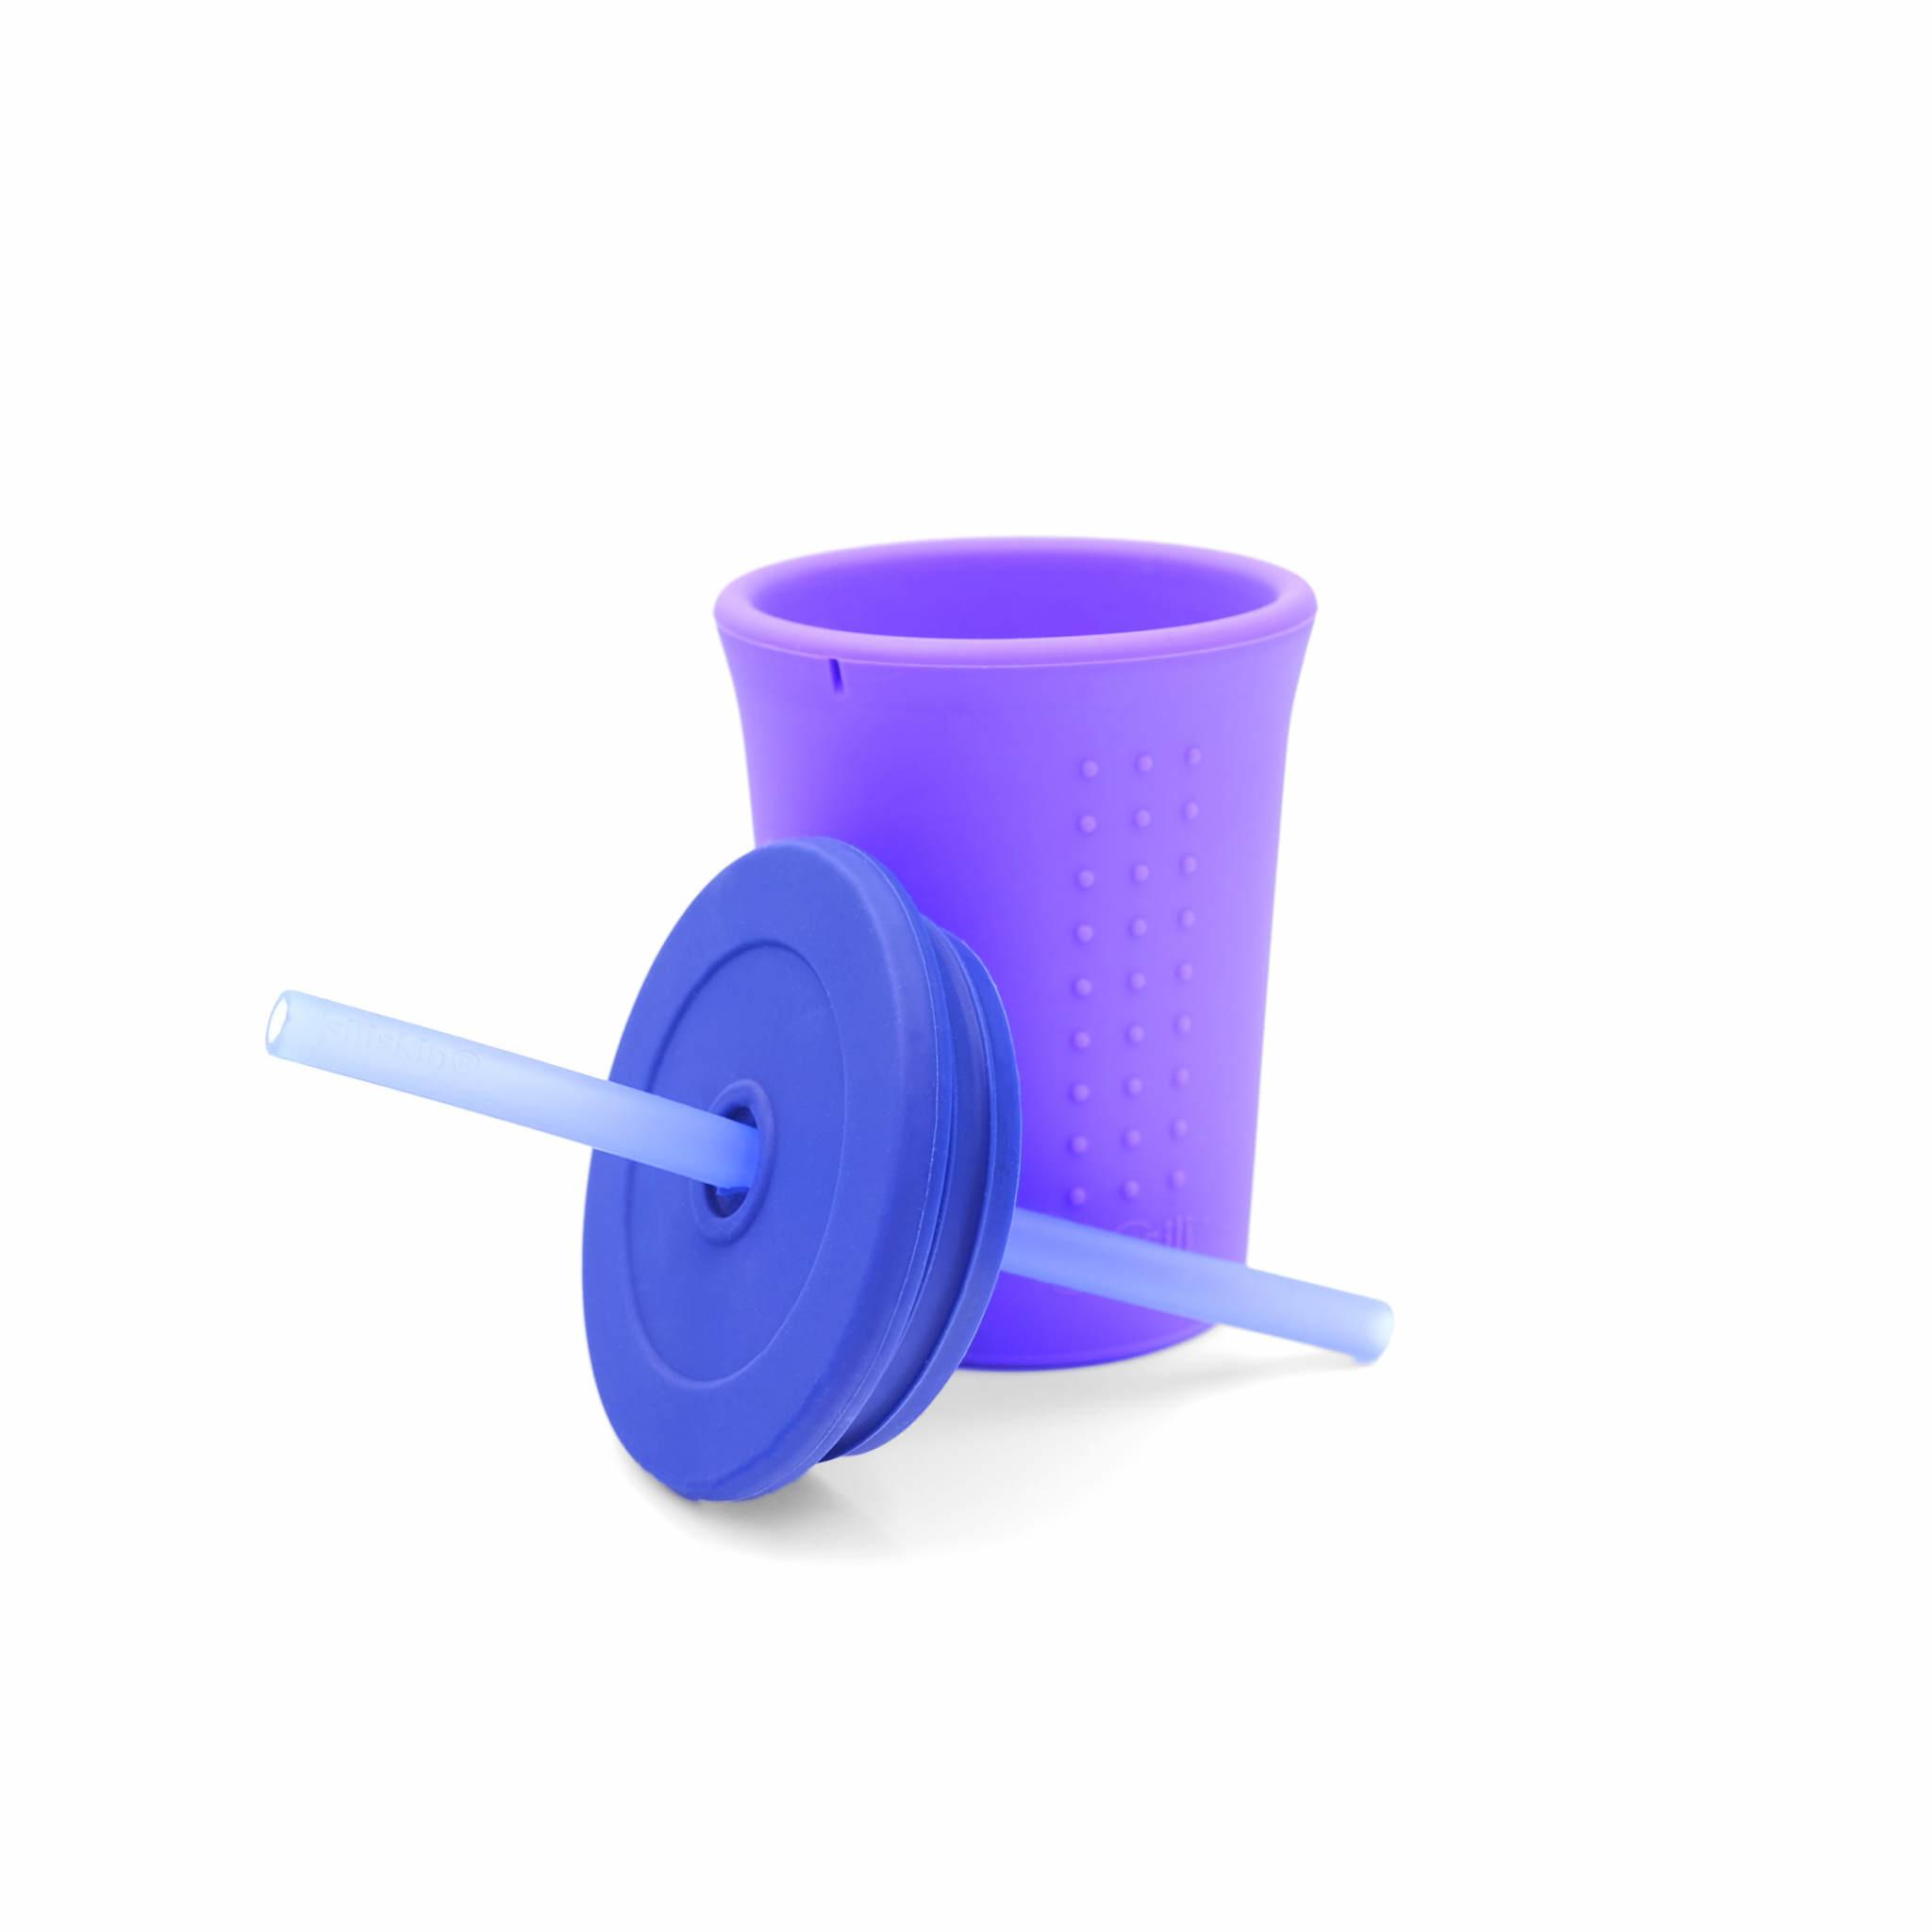 GoSili 12 oz Straw Cup- Purple/Navy